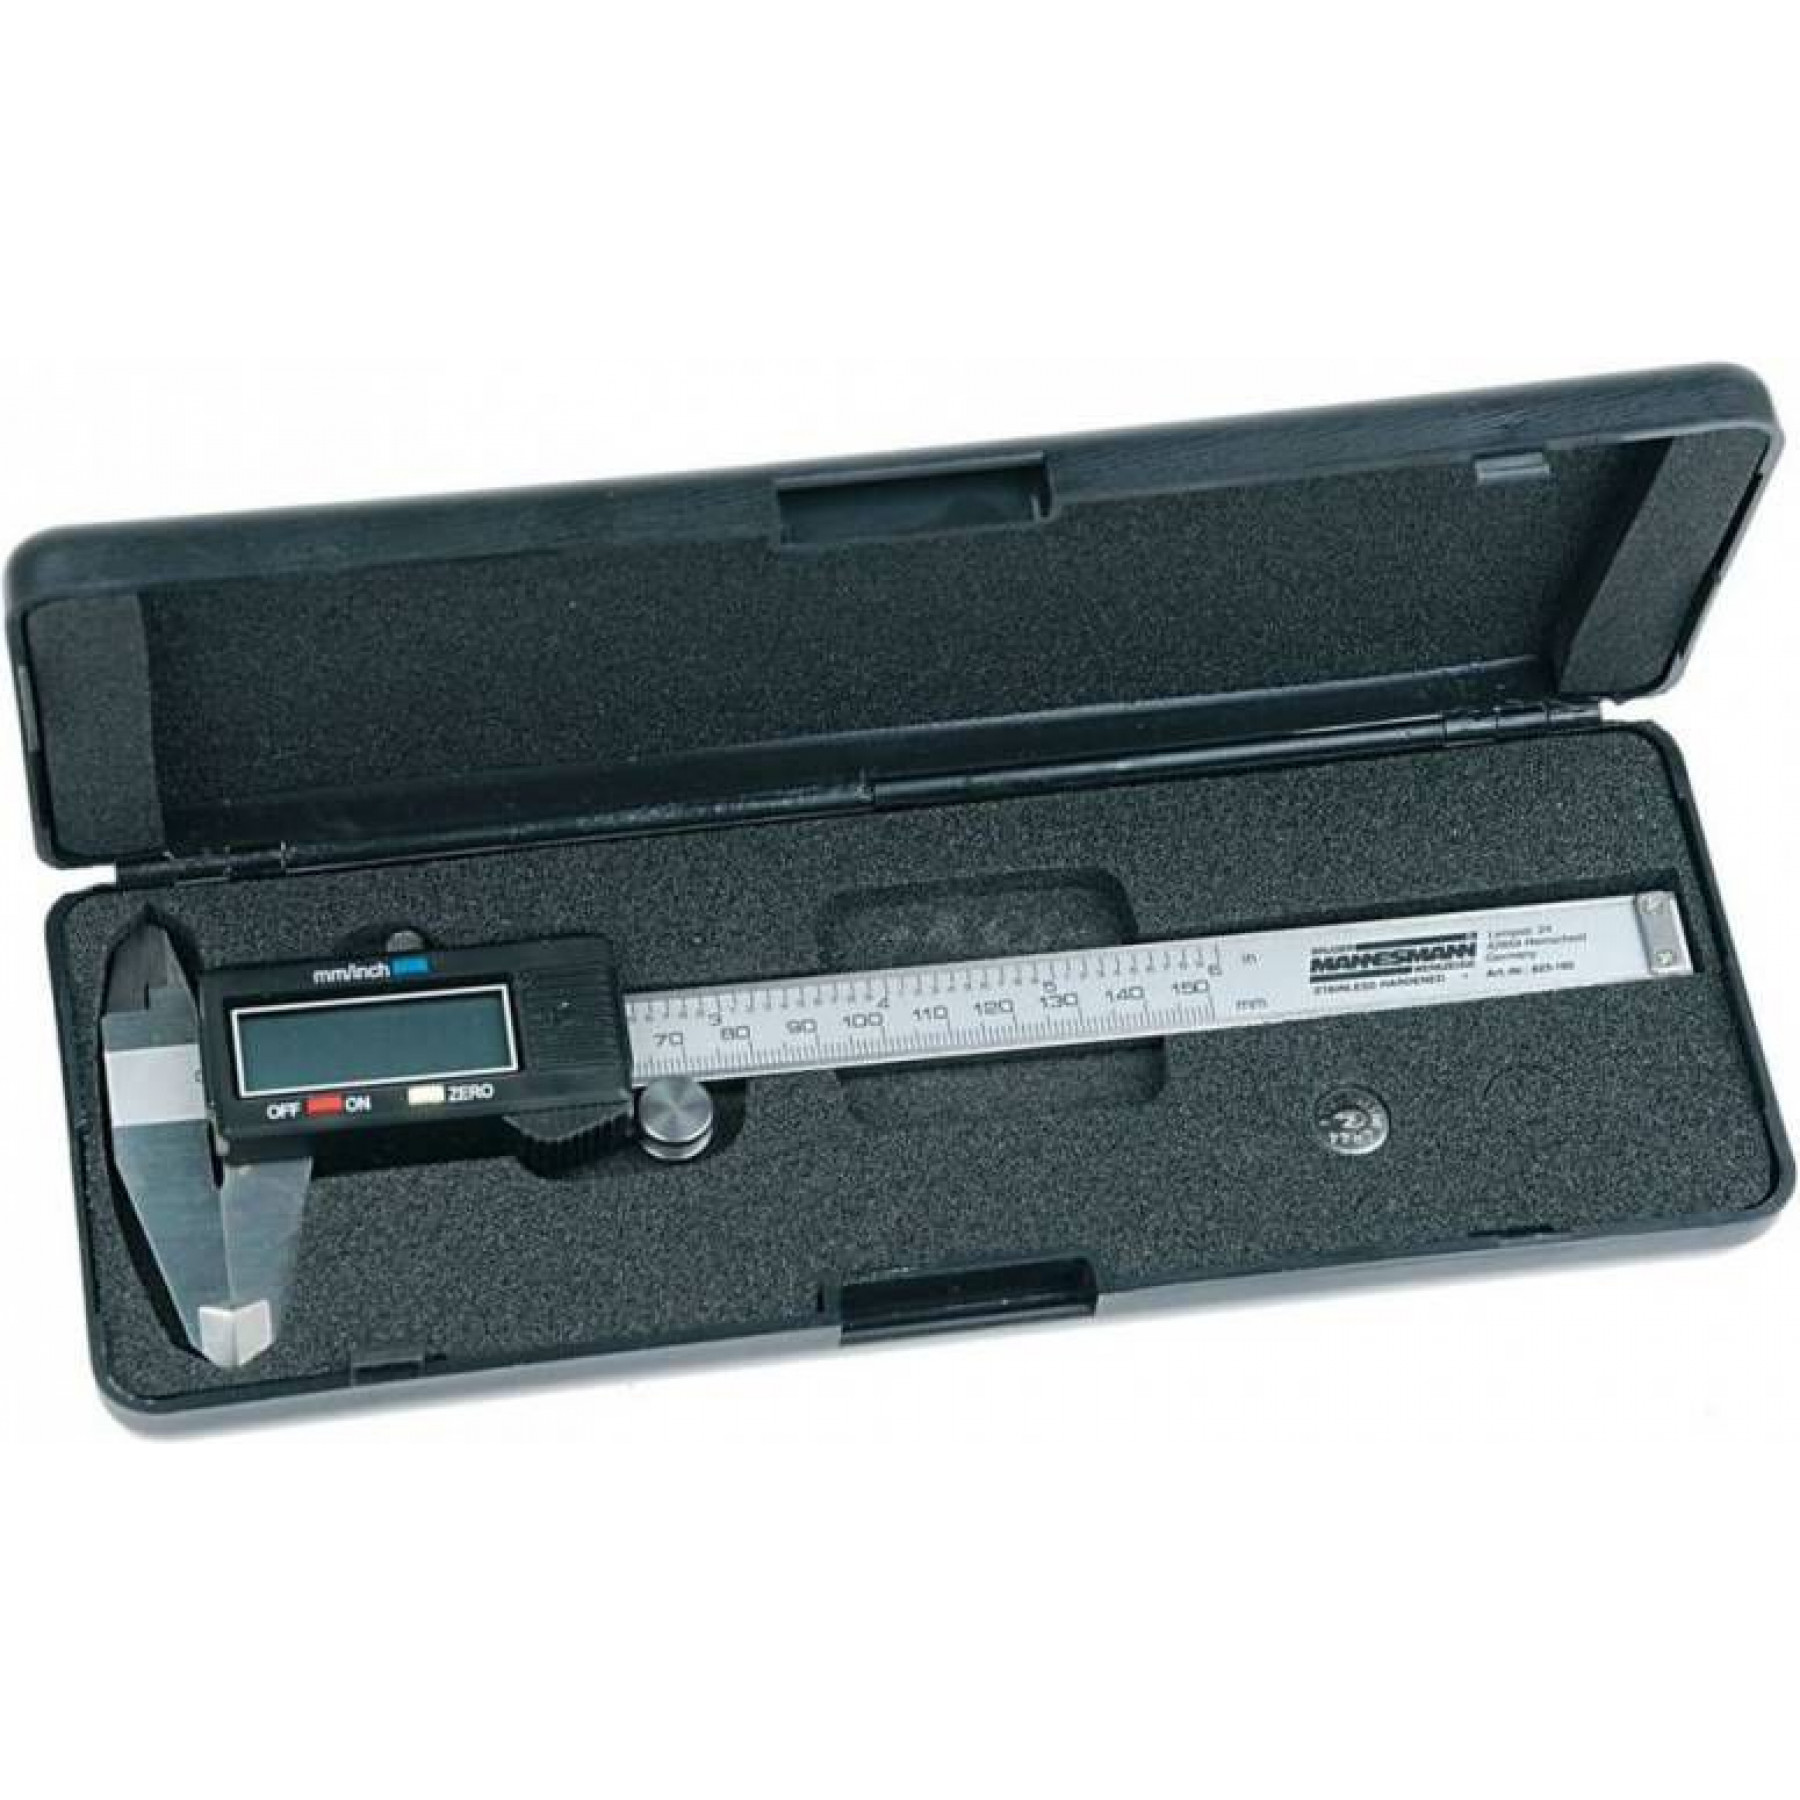 Schuifmaat digital 160mm